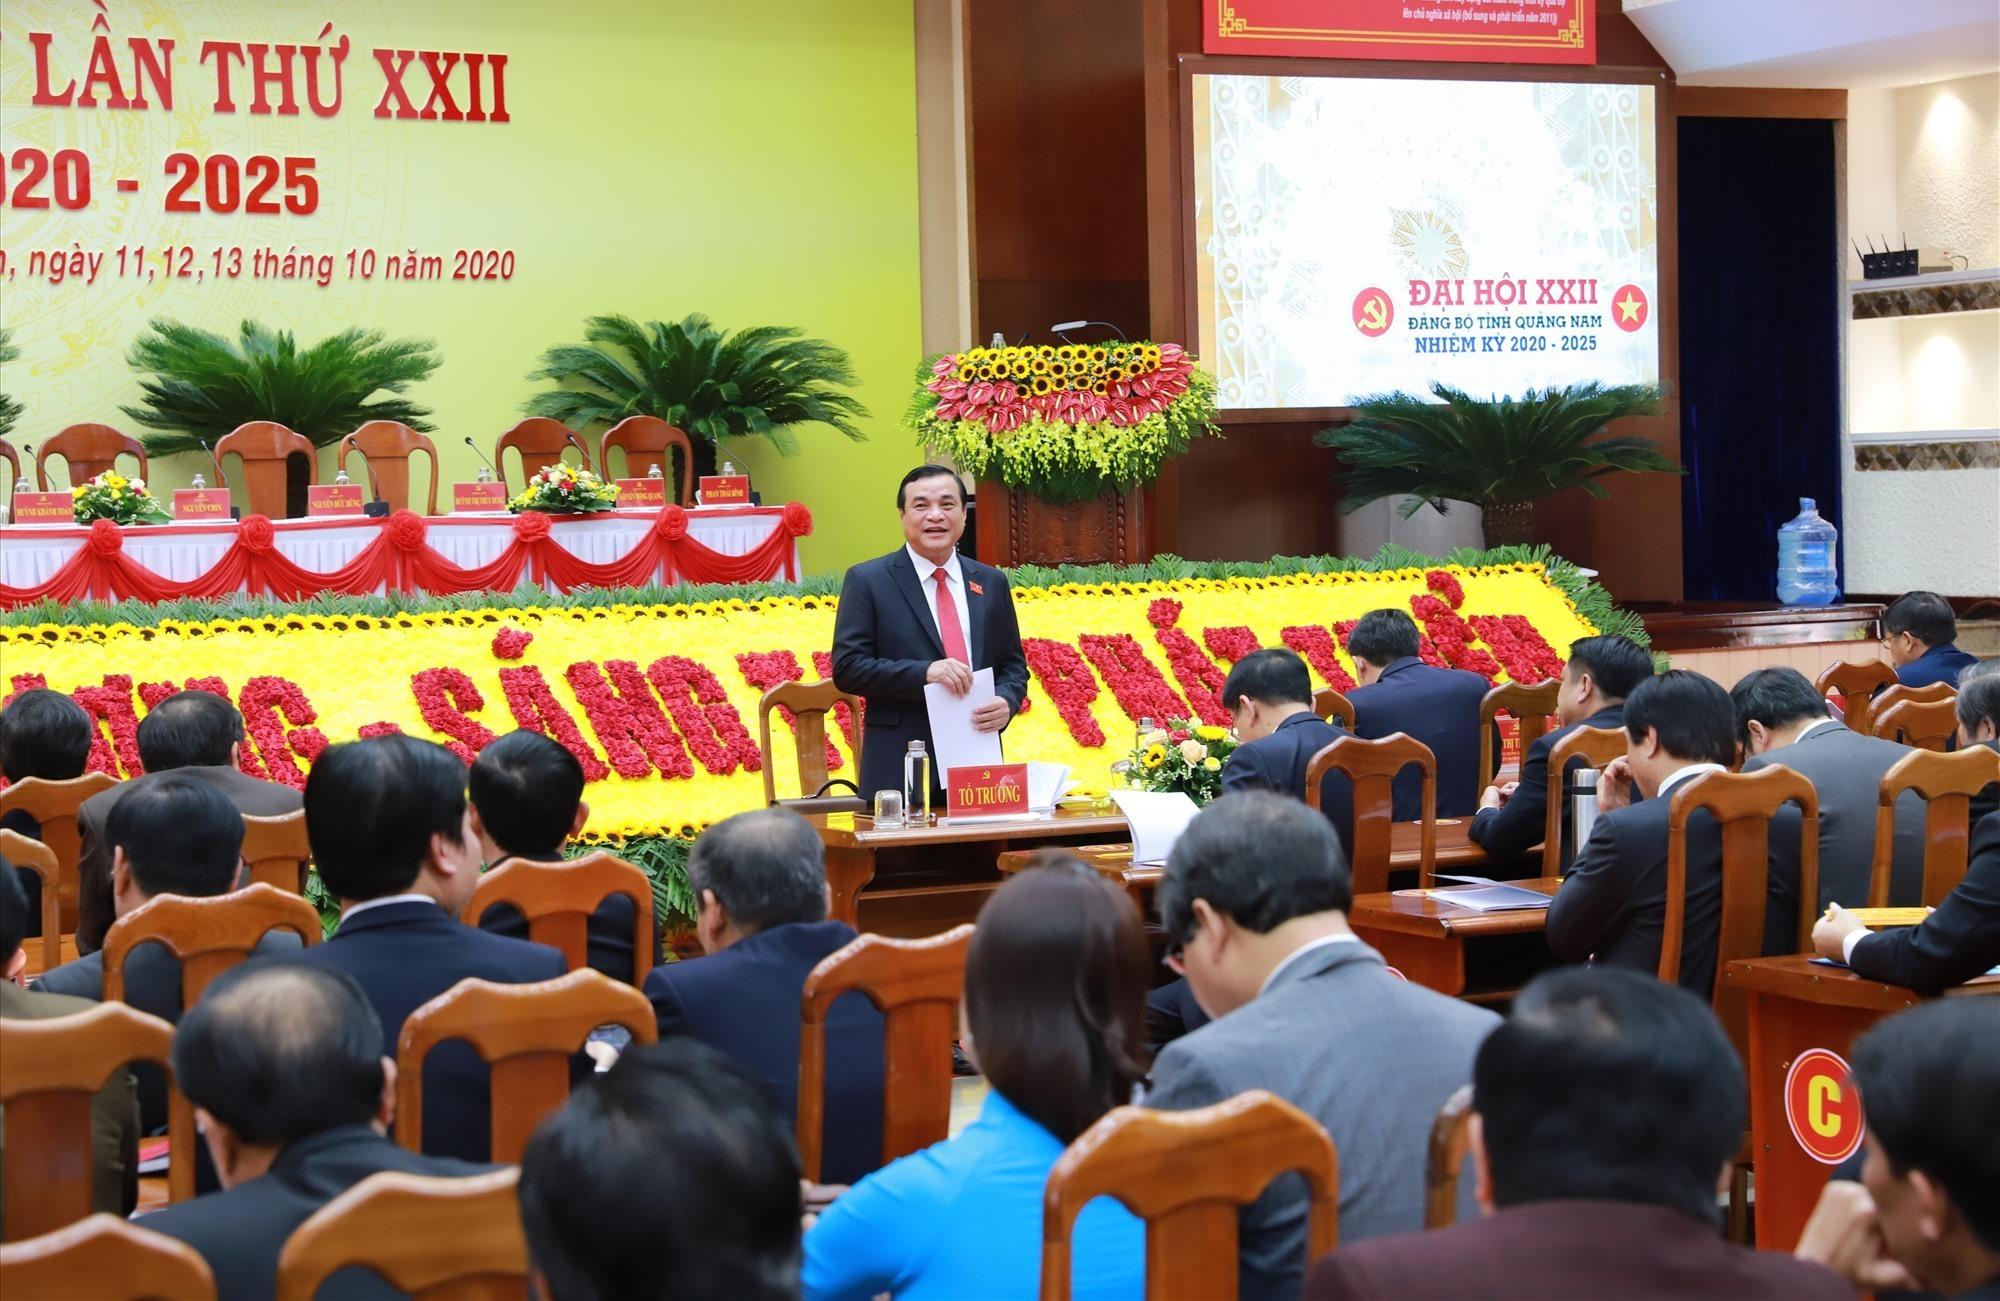 Đồng chí Phan Việt Cường - Ủy viên trung ương Đảng, Bí thư Tỉnh ủy (khóa XXI) điều hành thảo luận tại tổ.